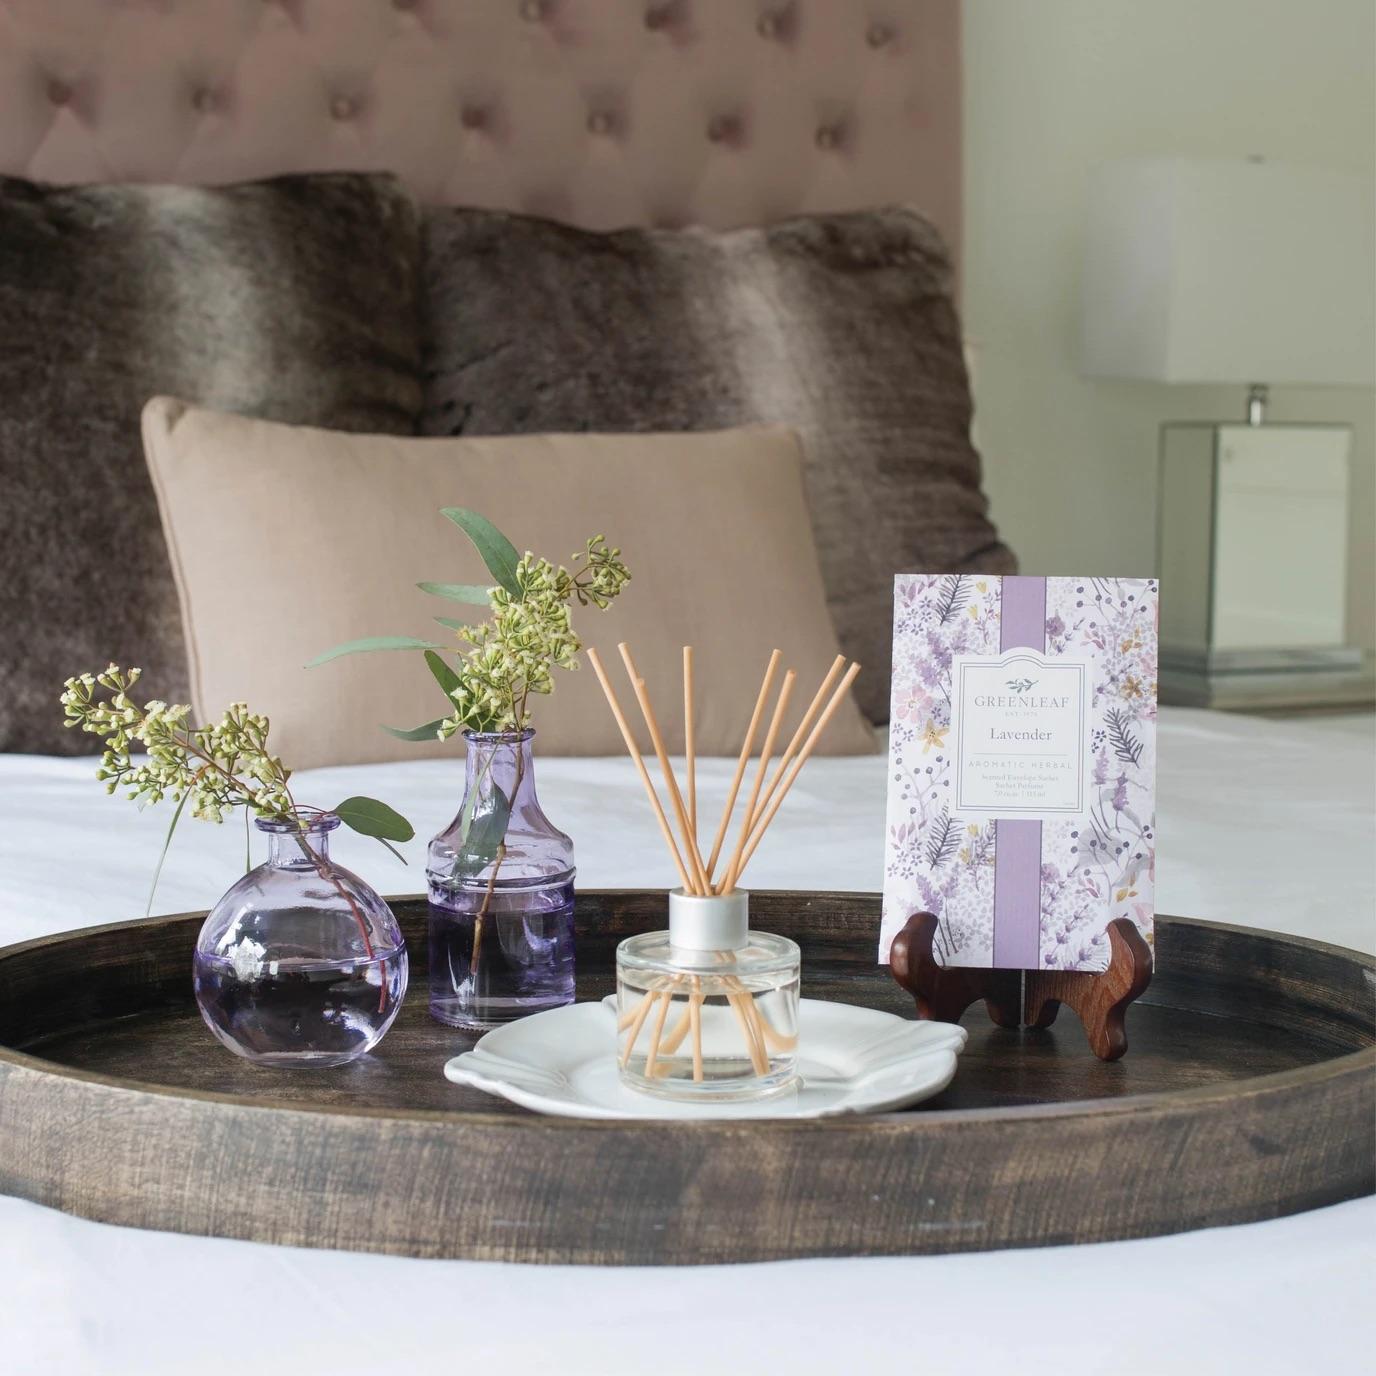 Doftpåse Lavendel